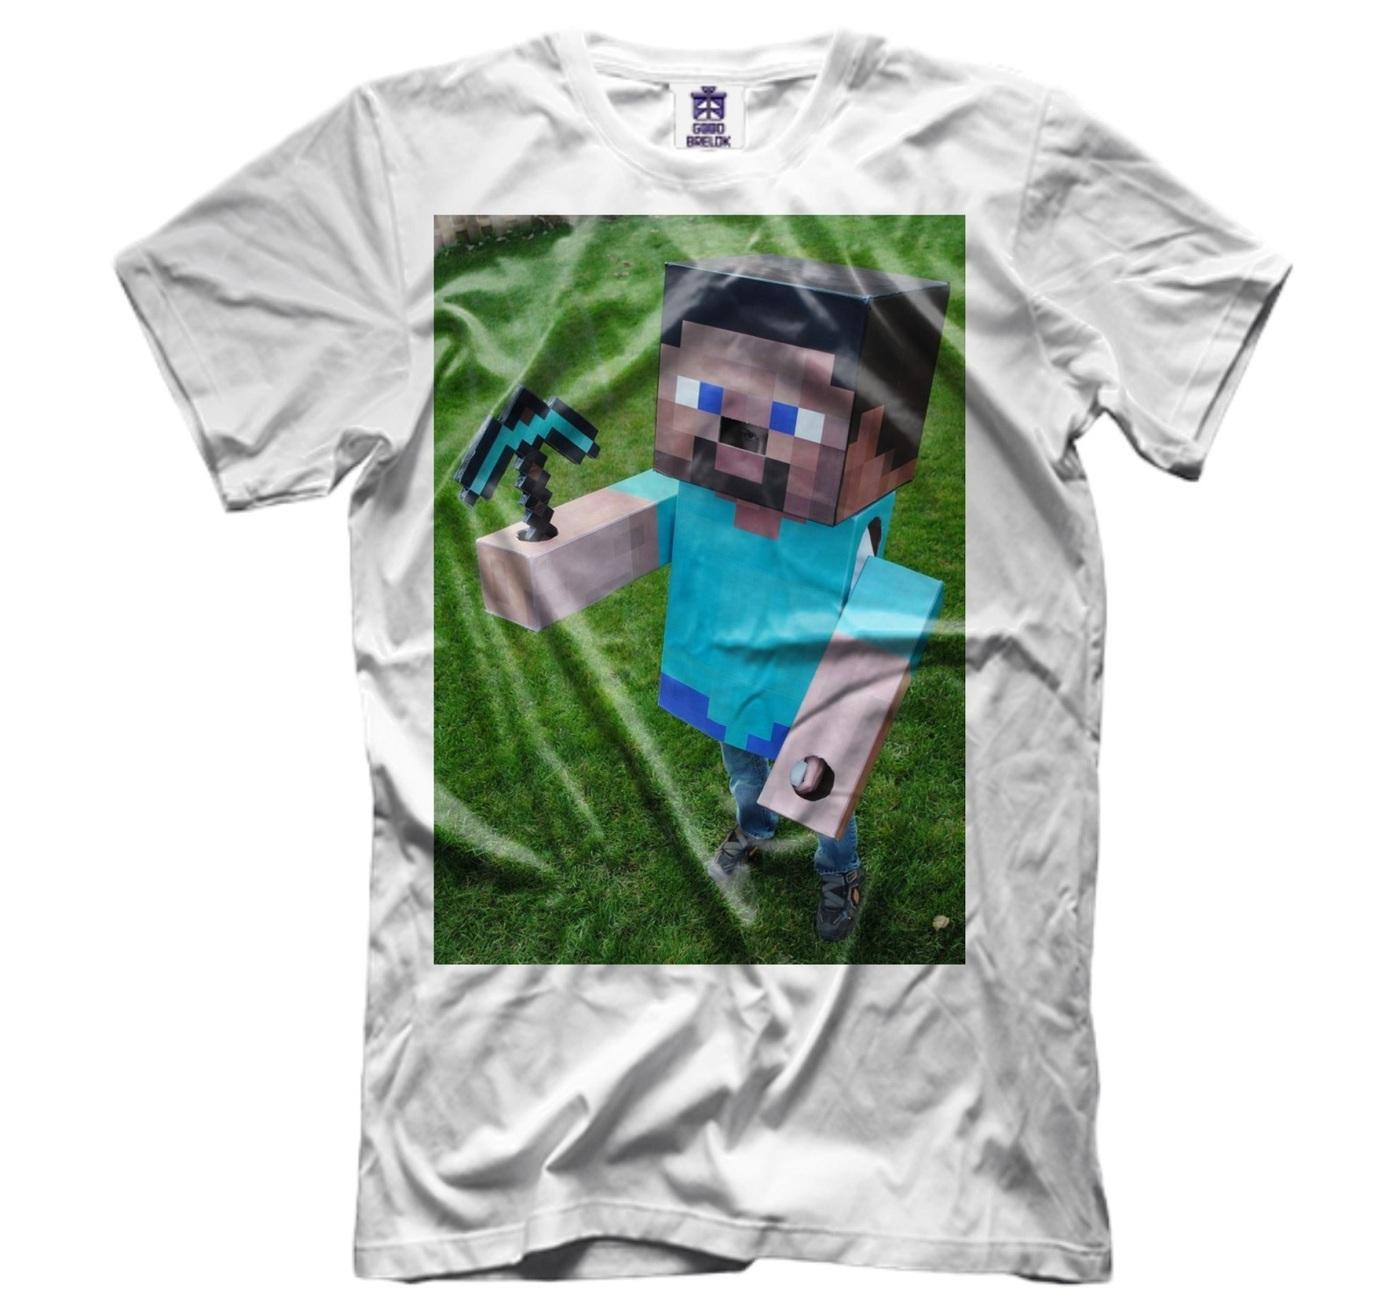 озон футболки с майнкрафт #6